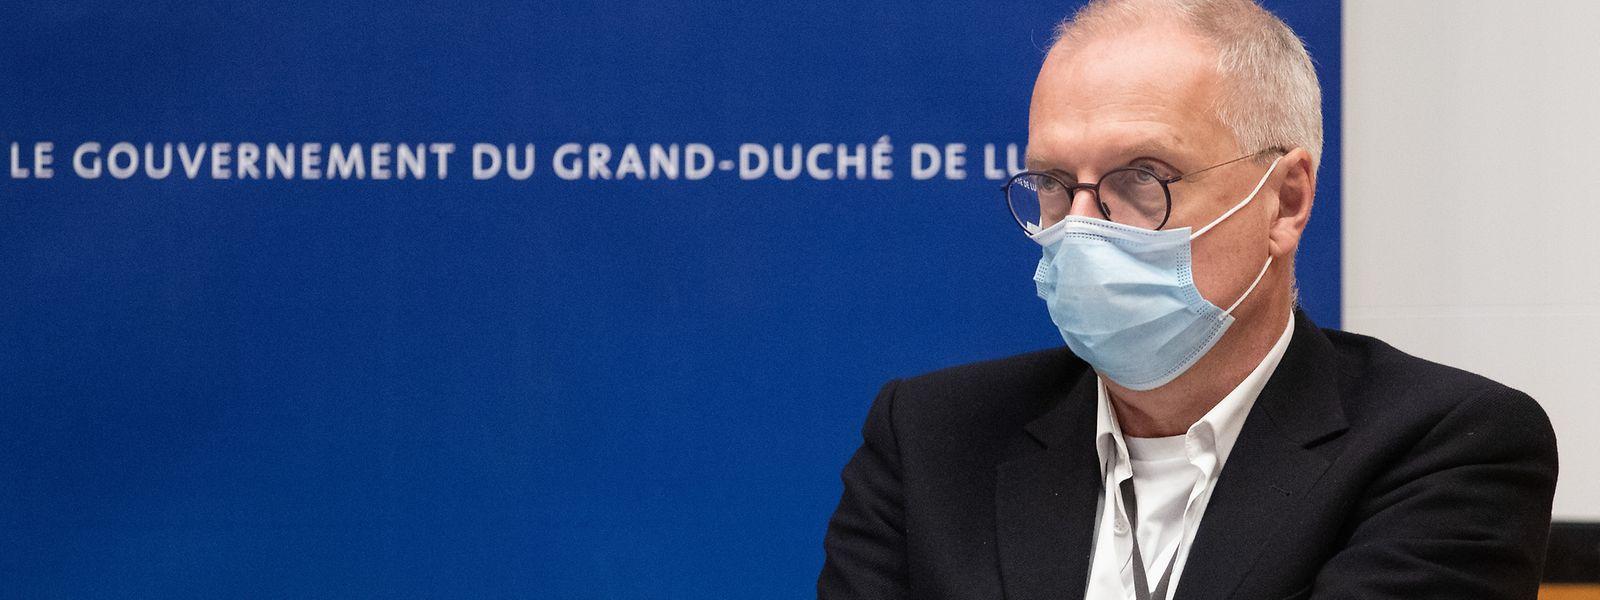 Le directeur de la Santé, Jean-Claude Schmit, rappelle que les mutations du virus sont «tout à fait normales».